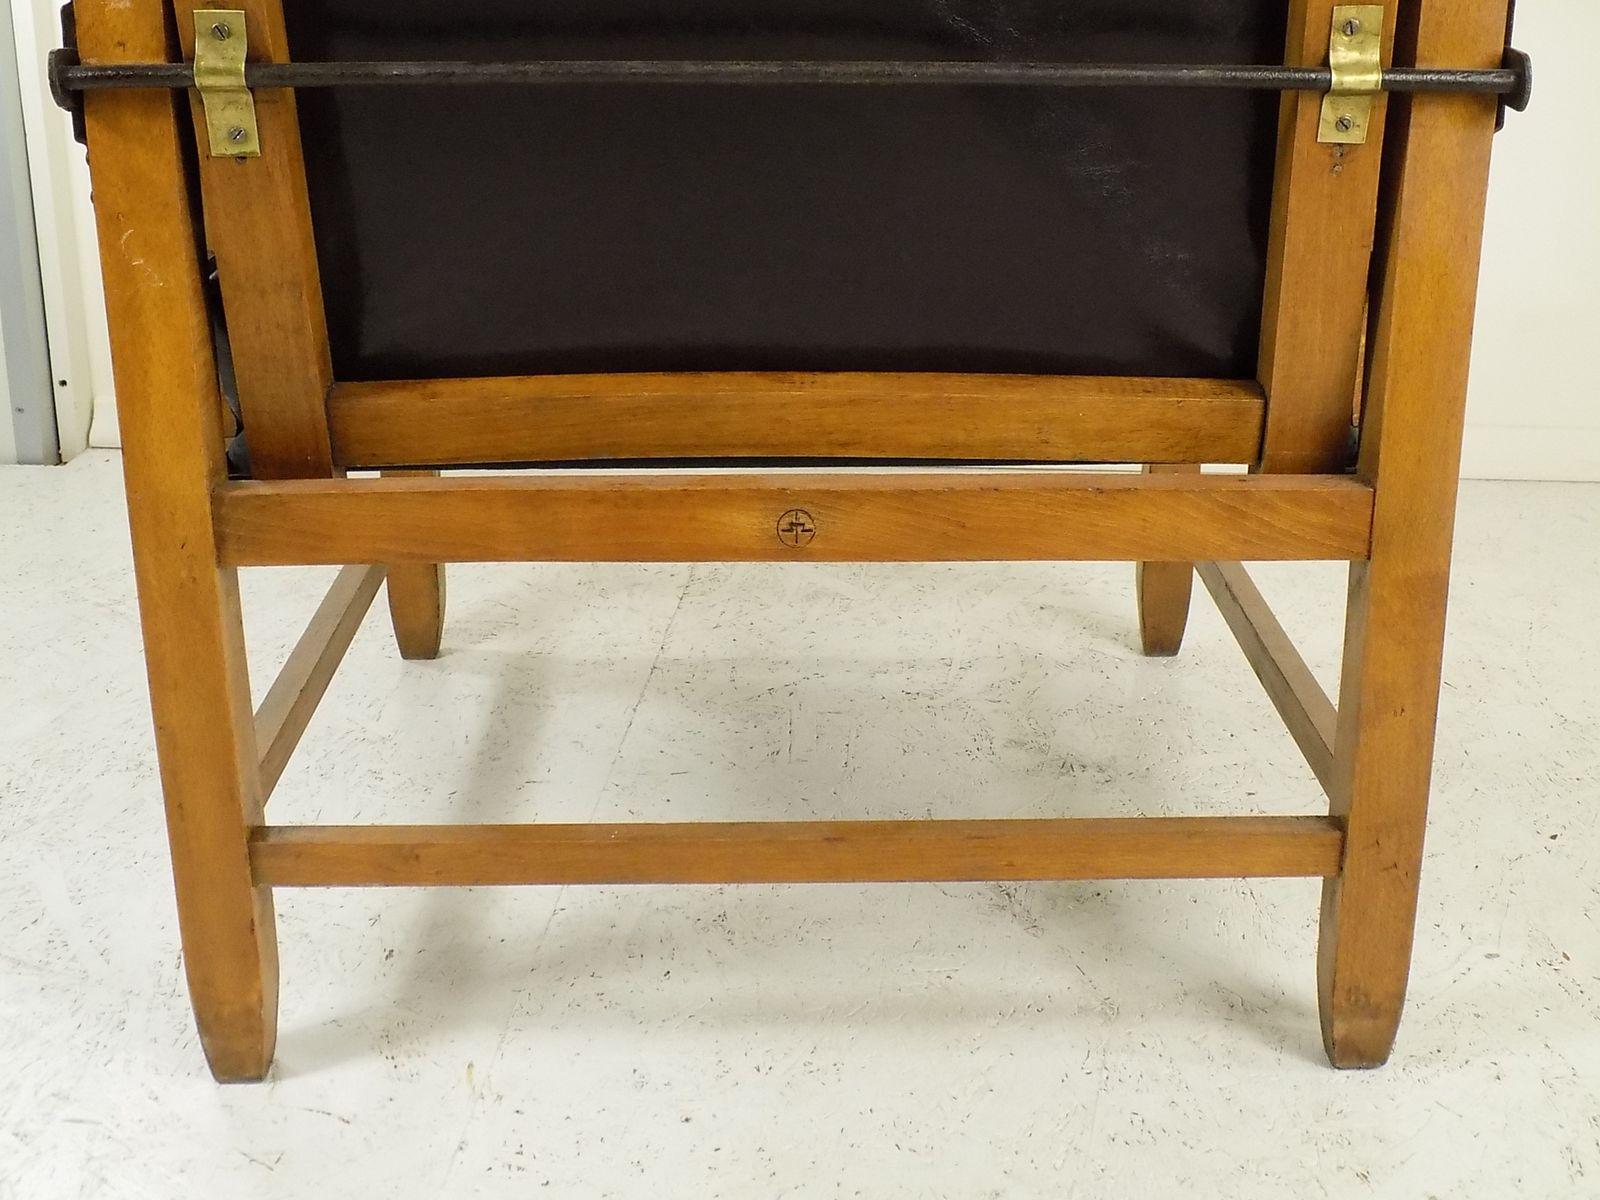 Bauhaus chair 1920 - Bauhaus Lounge Chair From Bauhochschule Weimar 1920s